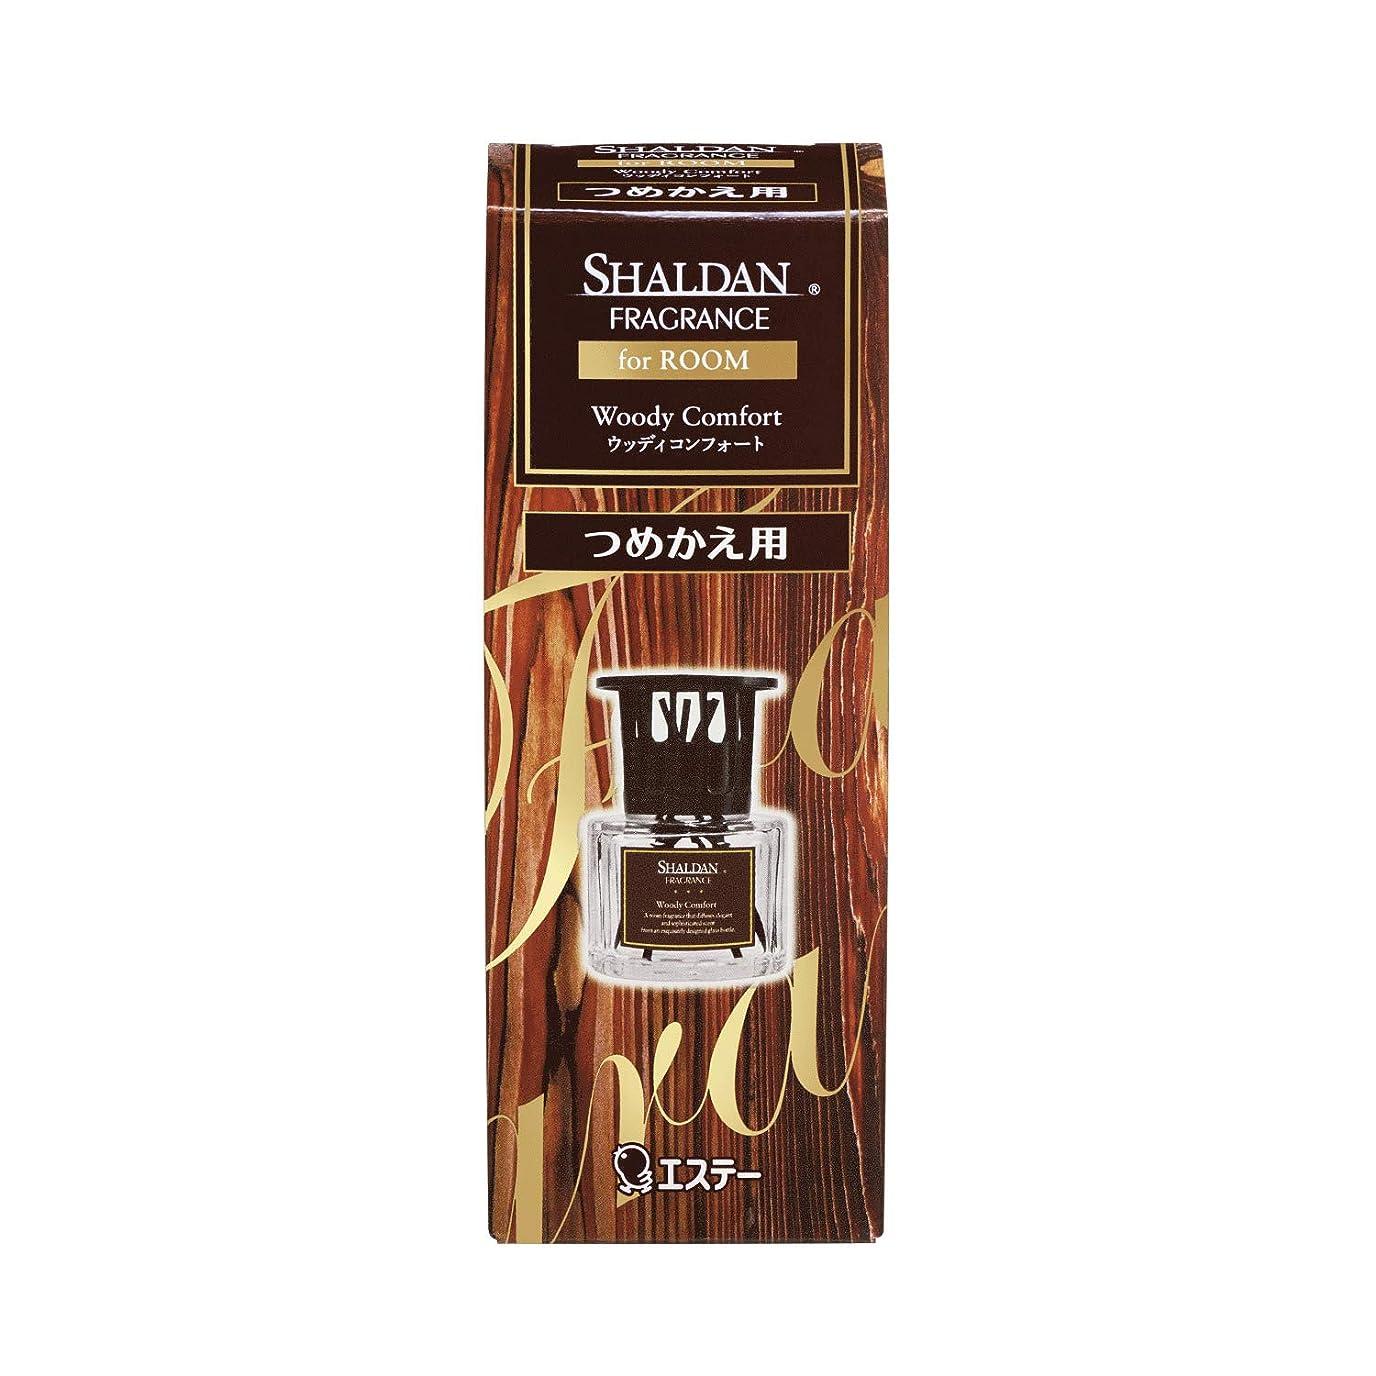 おいしい見つけた犯罪シャルダン SHALDAN フレグランス for ROOM 芳香剤 部屋用 つめかえ ウッディコンフォート 65mL